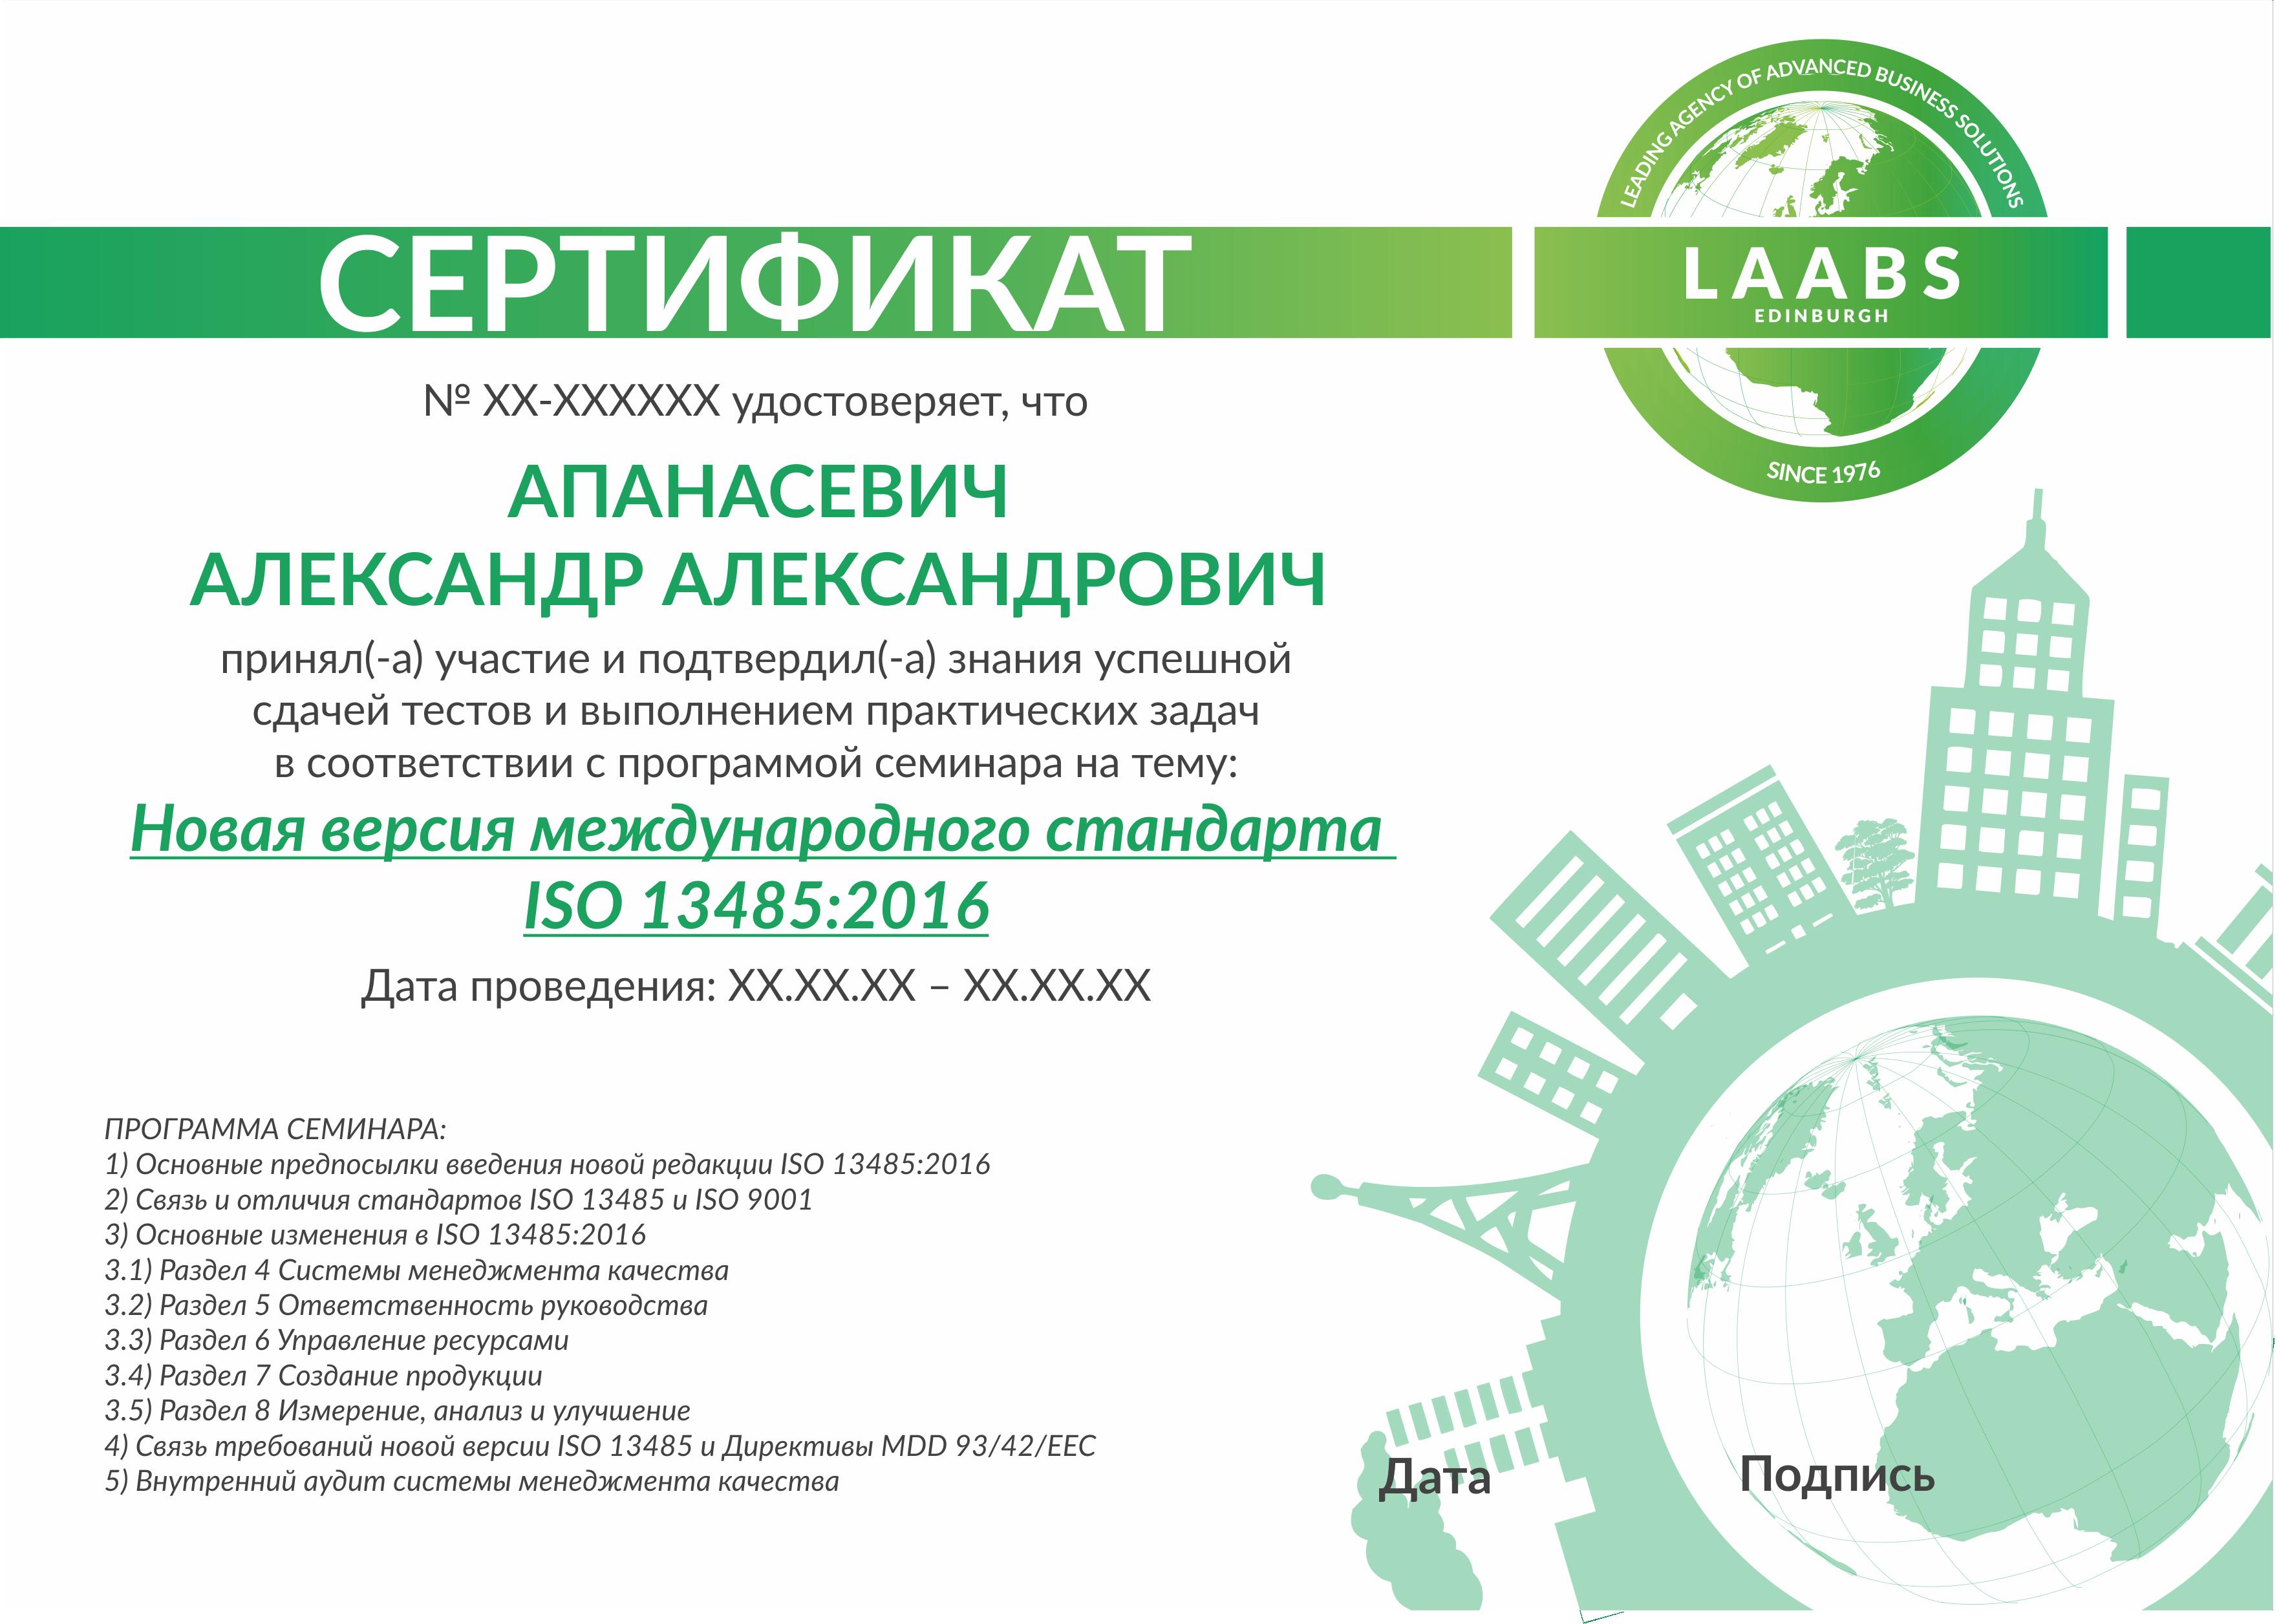 Необходимо разработать дизайн 3 сертификатов фото f_5055880714782c2c.png